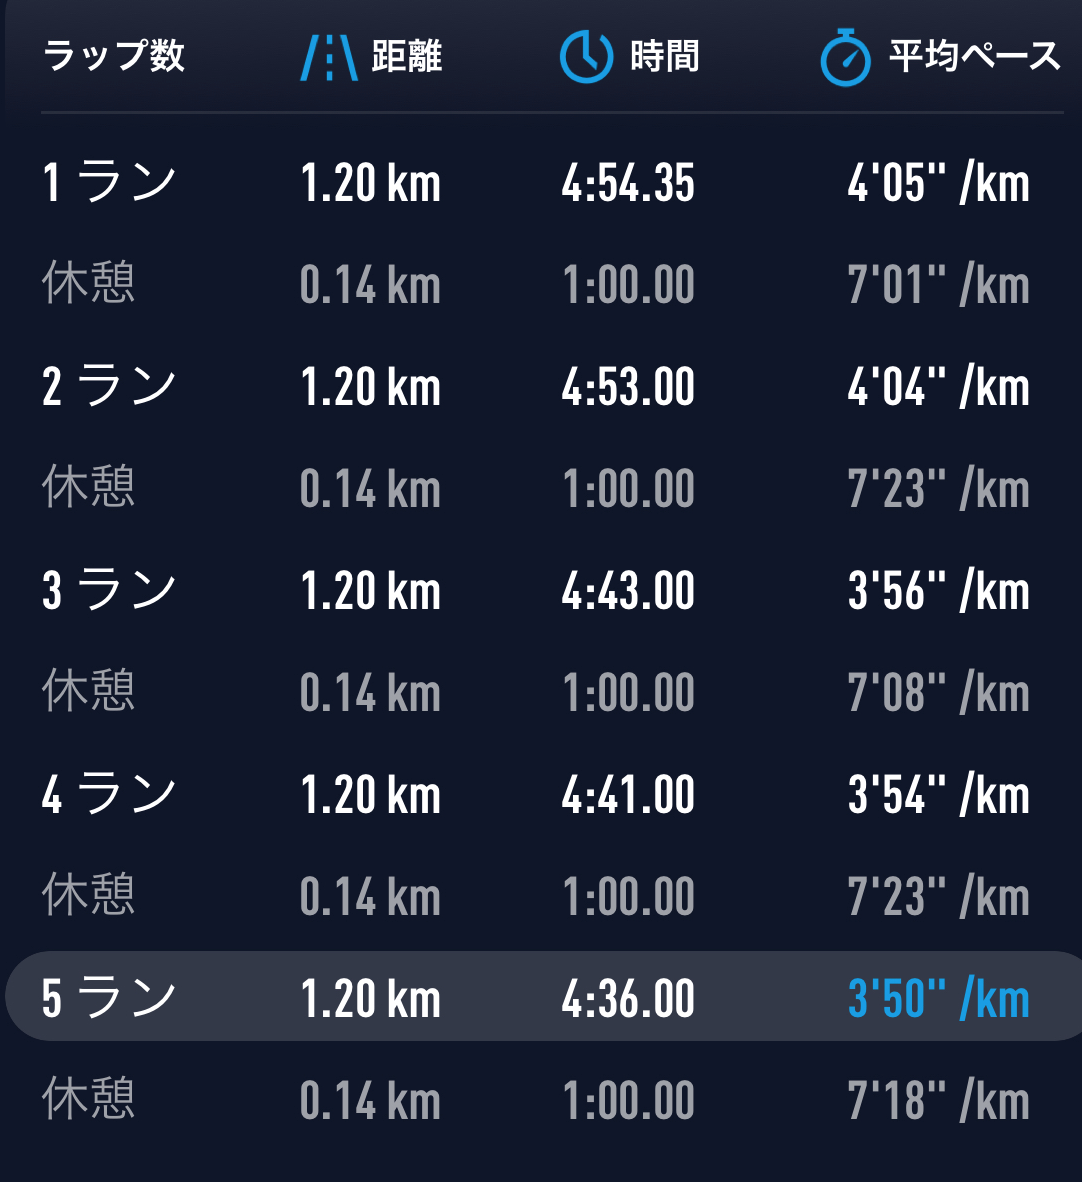 f:id:yoshiho182:20210804140730p:plain